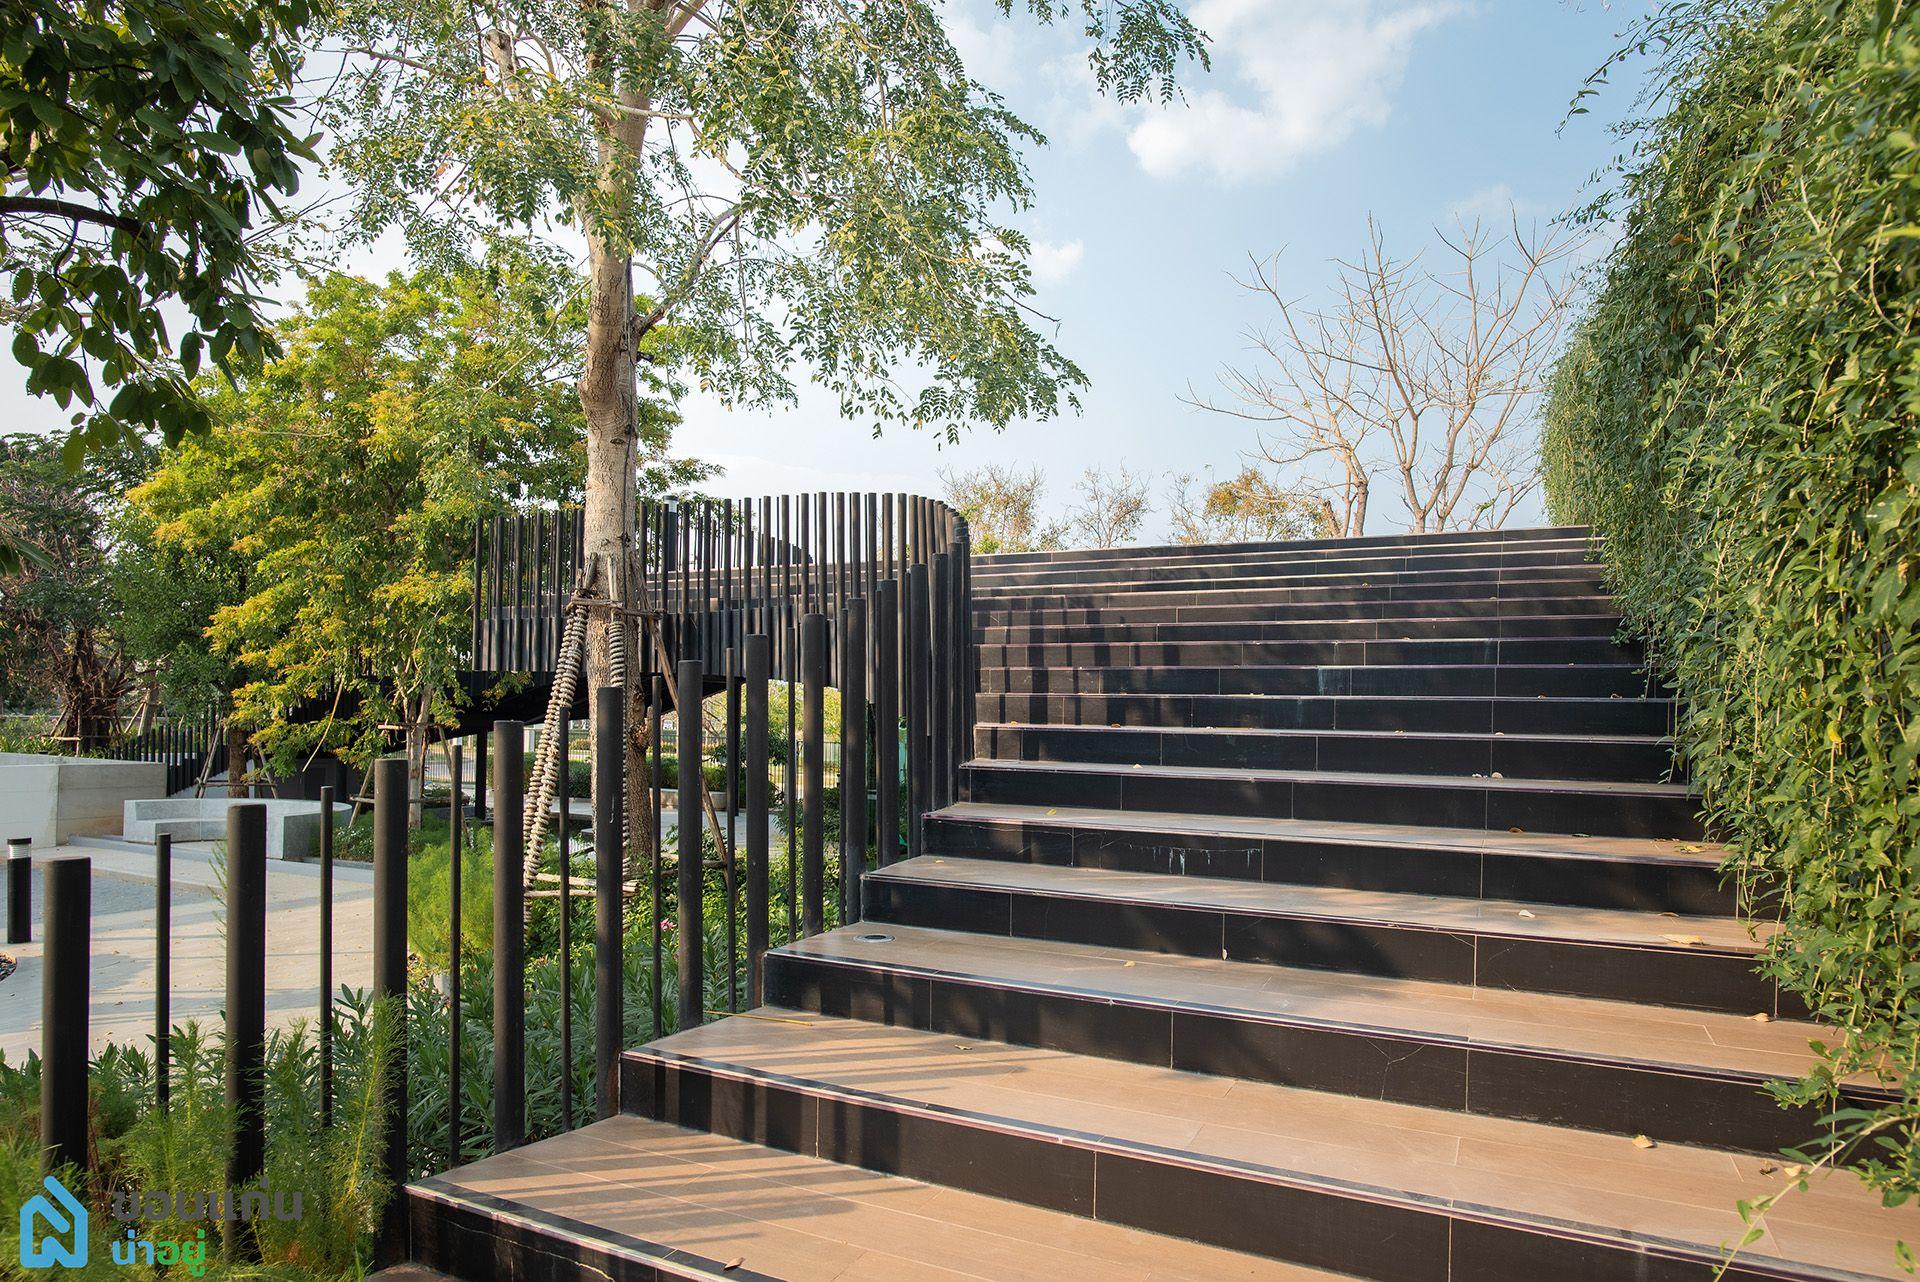 ทางเดินขึ้น สวนลอยฟ้า Klever Park